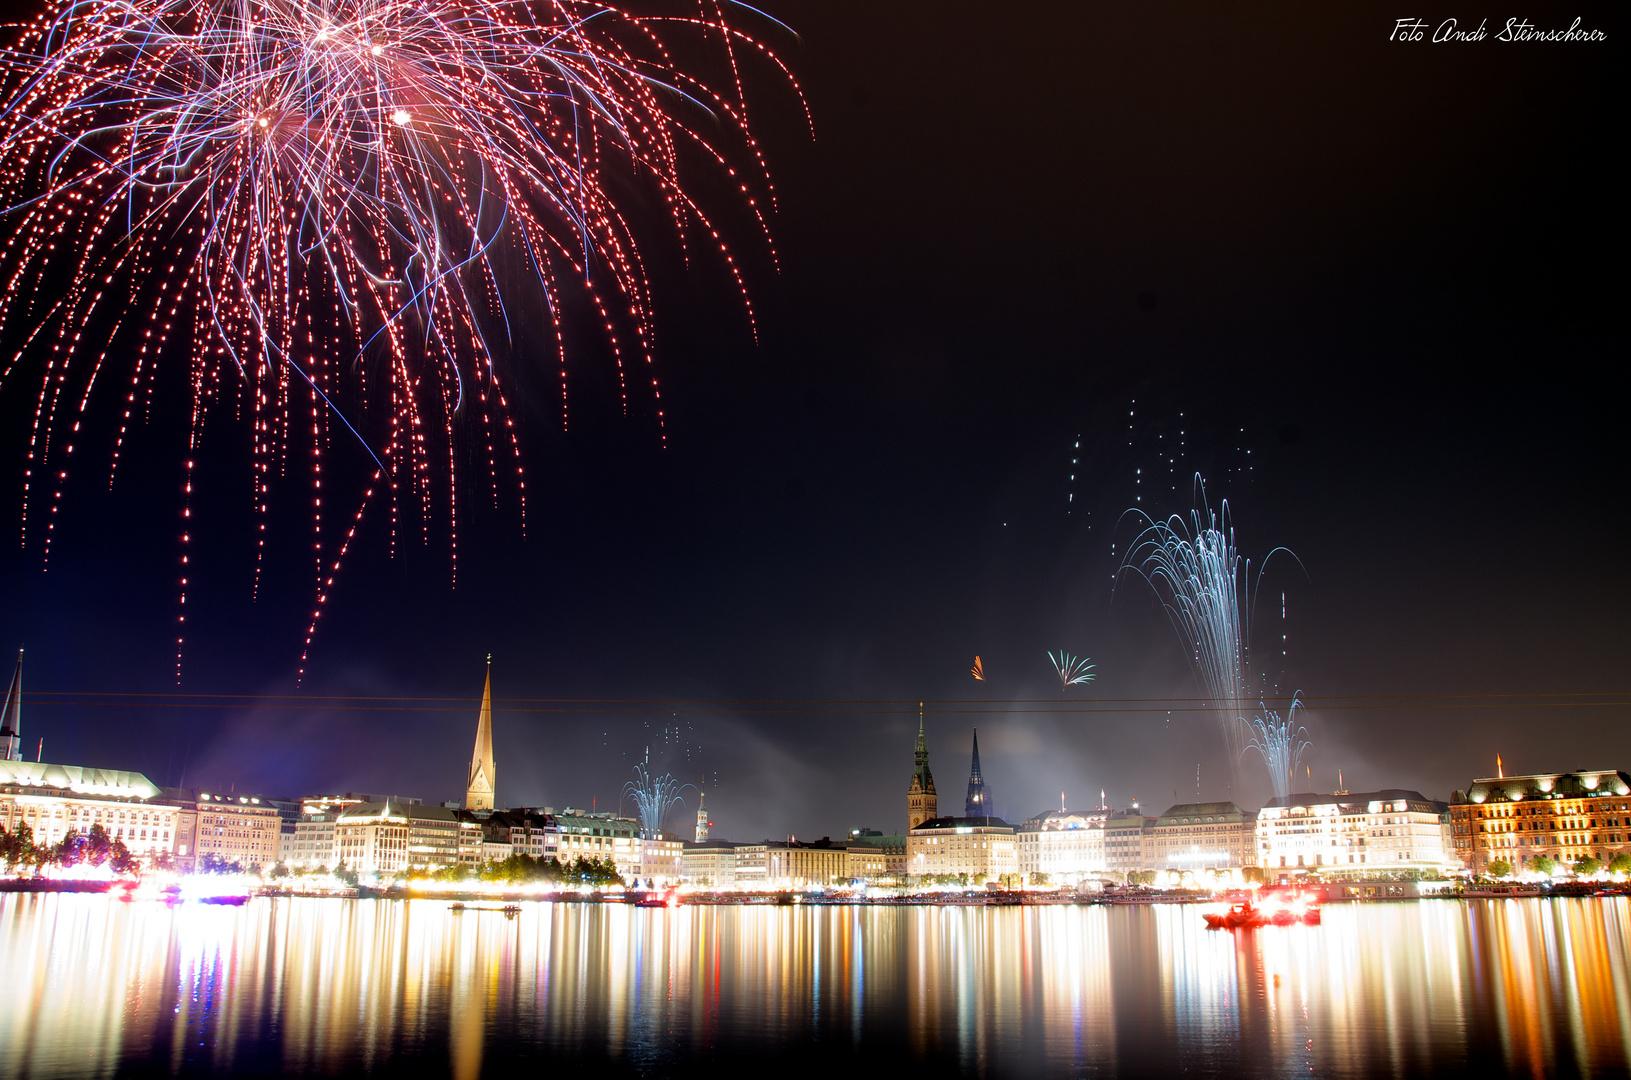 Feuerwerk Alstervergnügen 2012